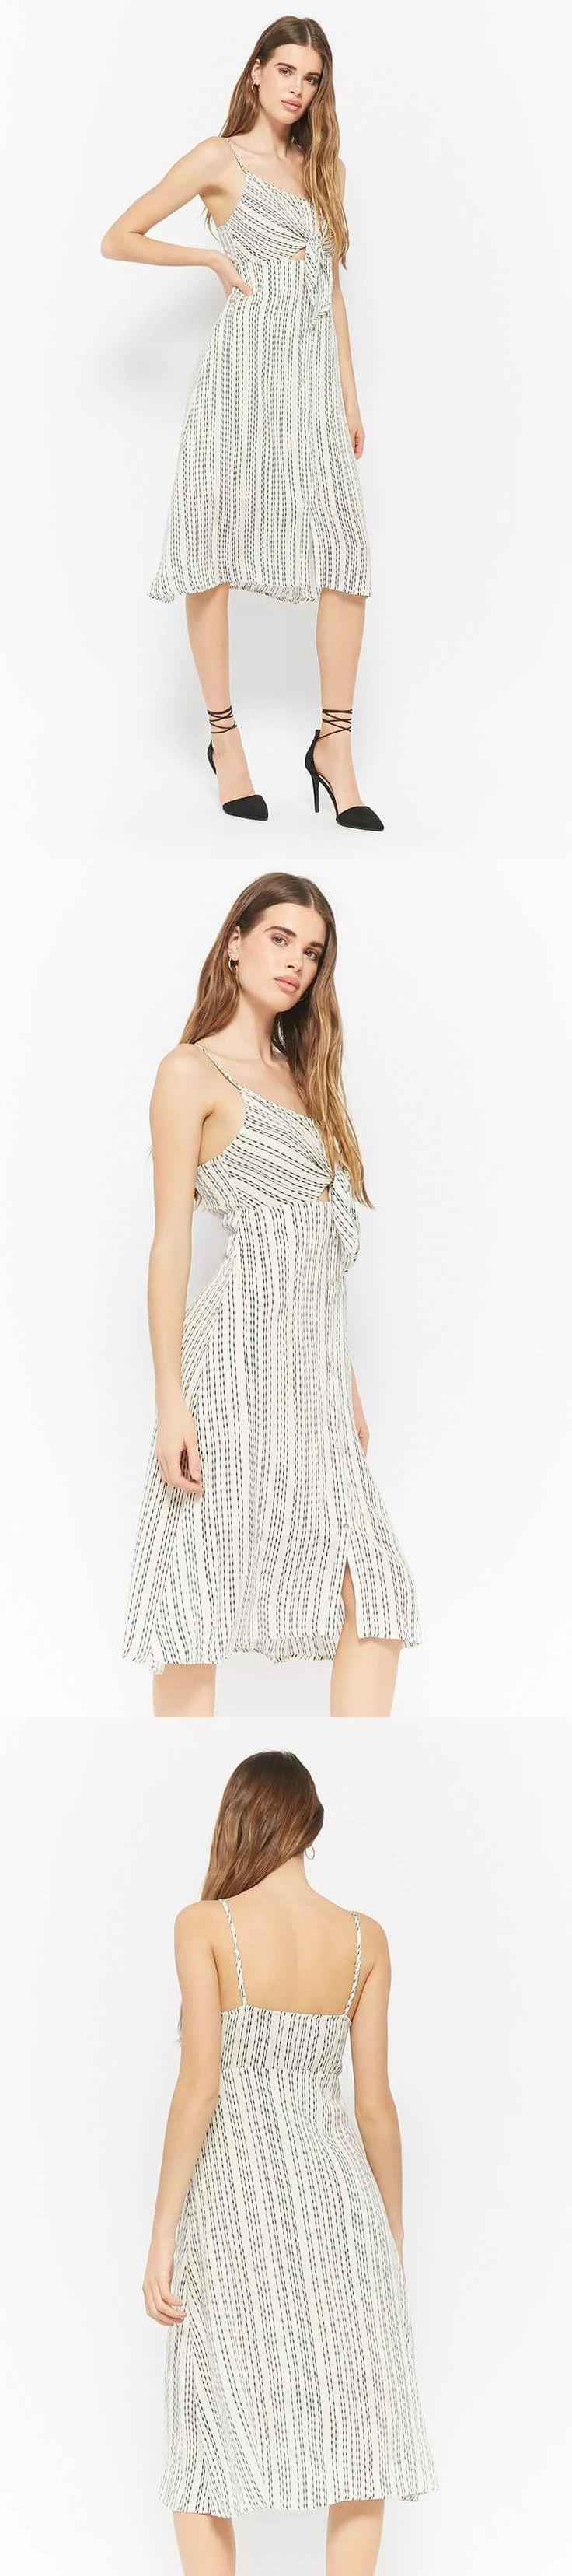 Striped Cami Dress // 48.00 USD // Forever 21